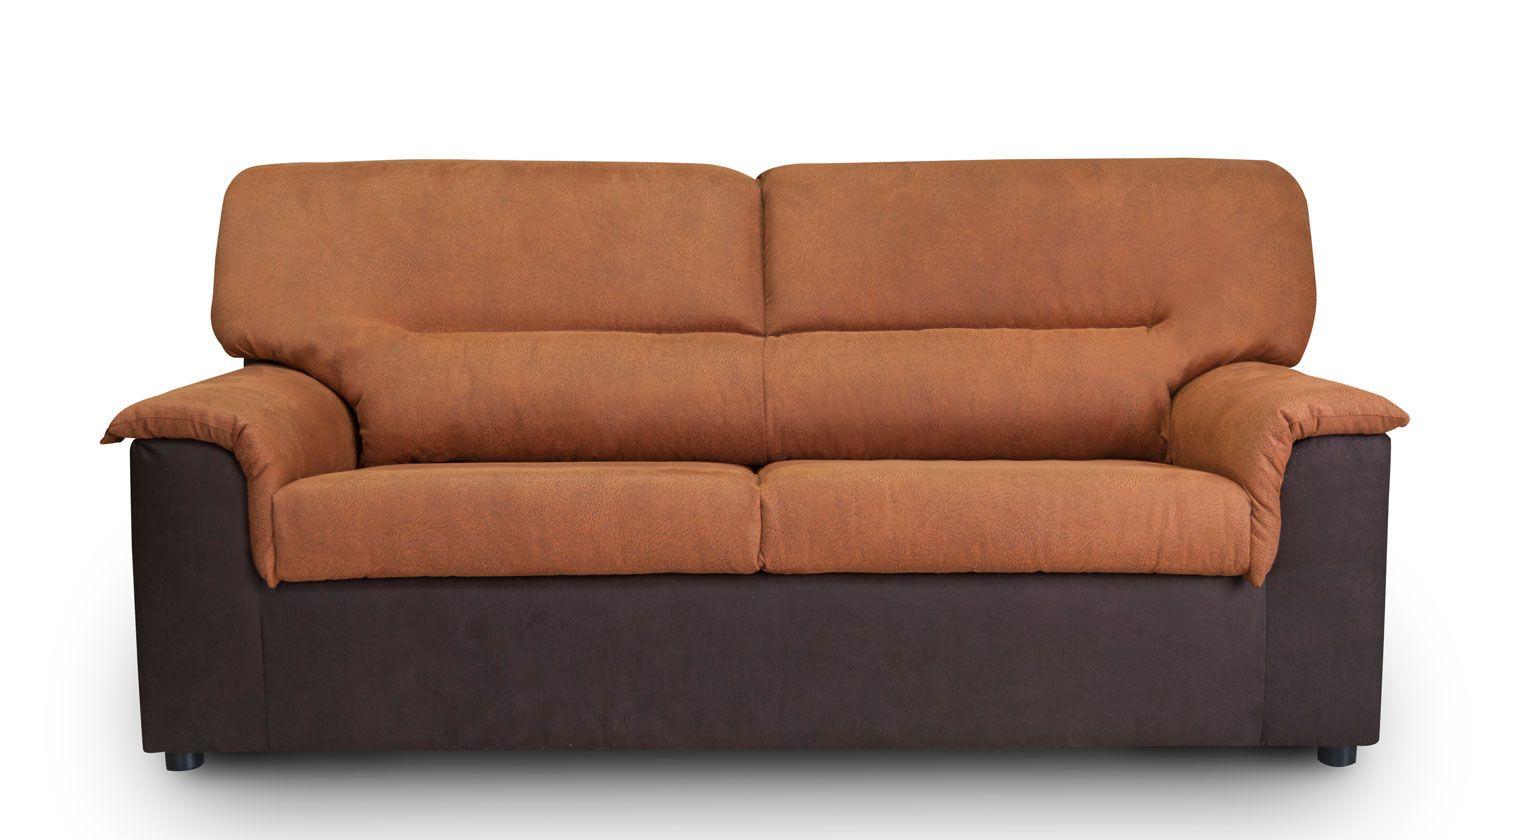 Sof belen sofas de tela for Sofa gran confort precios